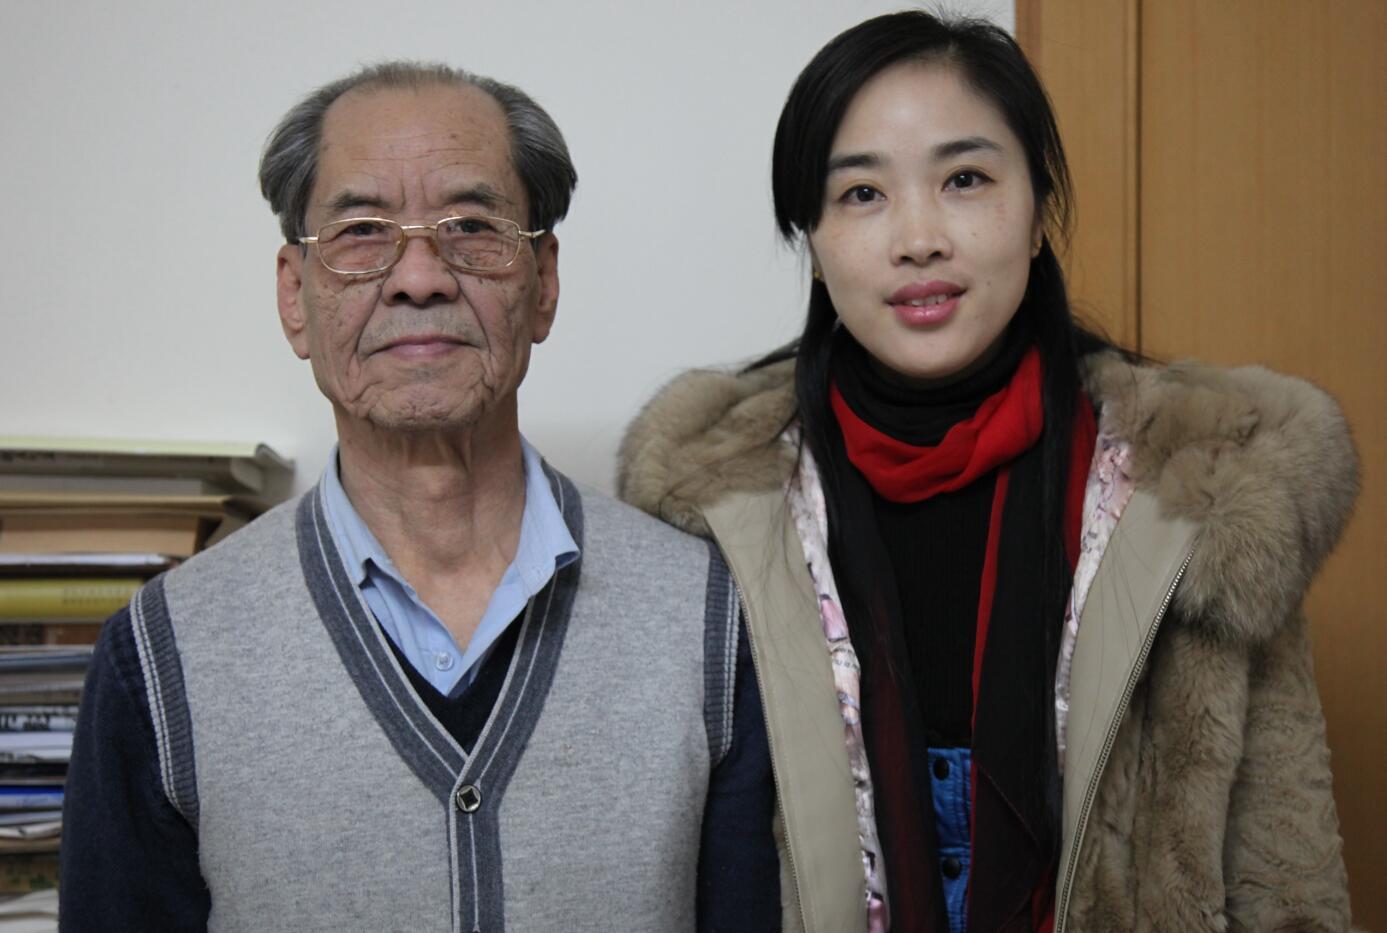 陈忠实和陕西先行董事长徐伊丽.JPG